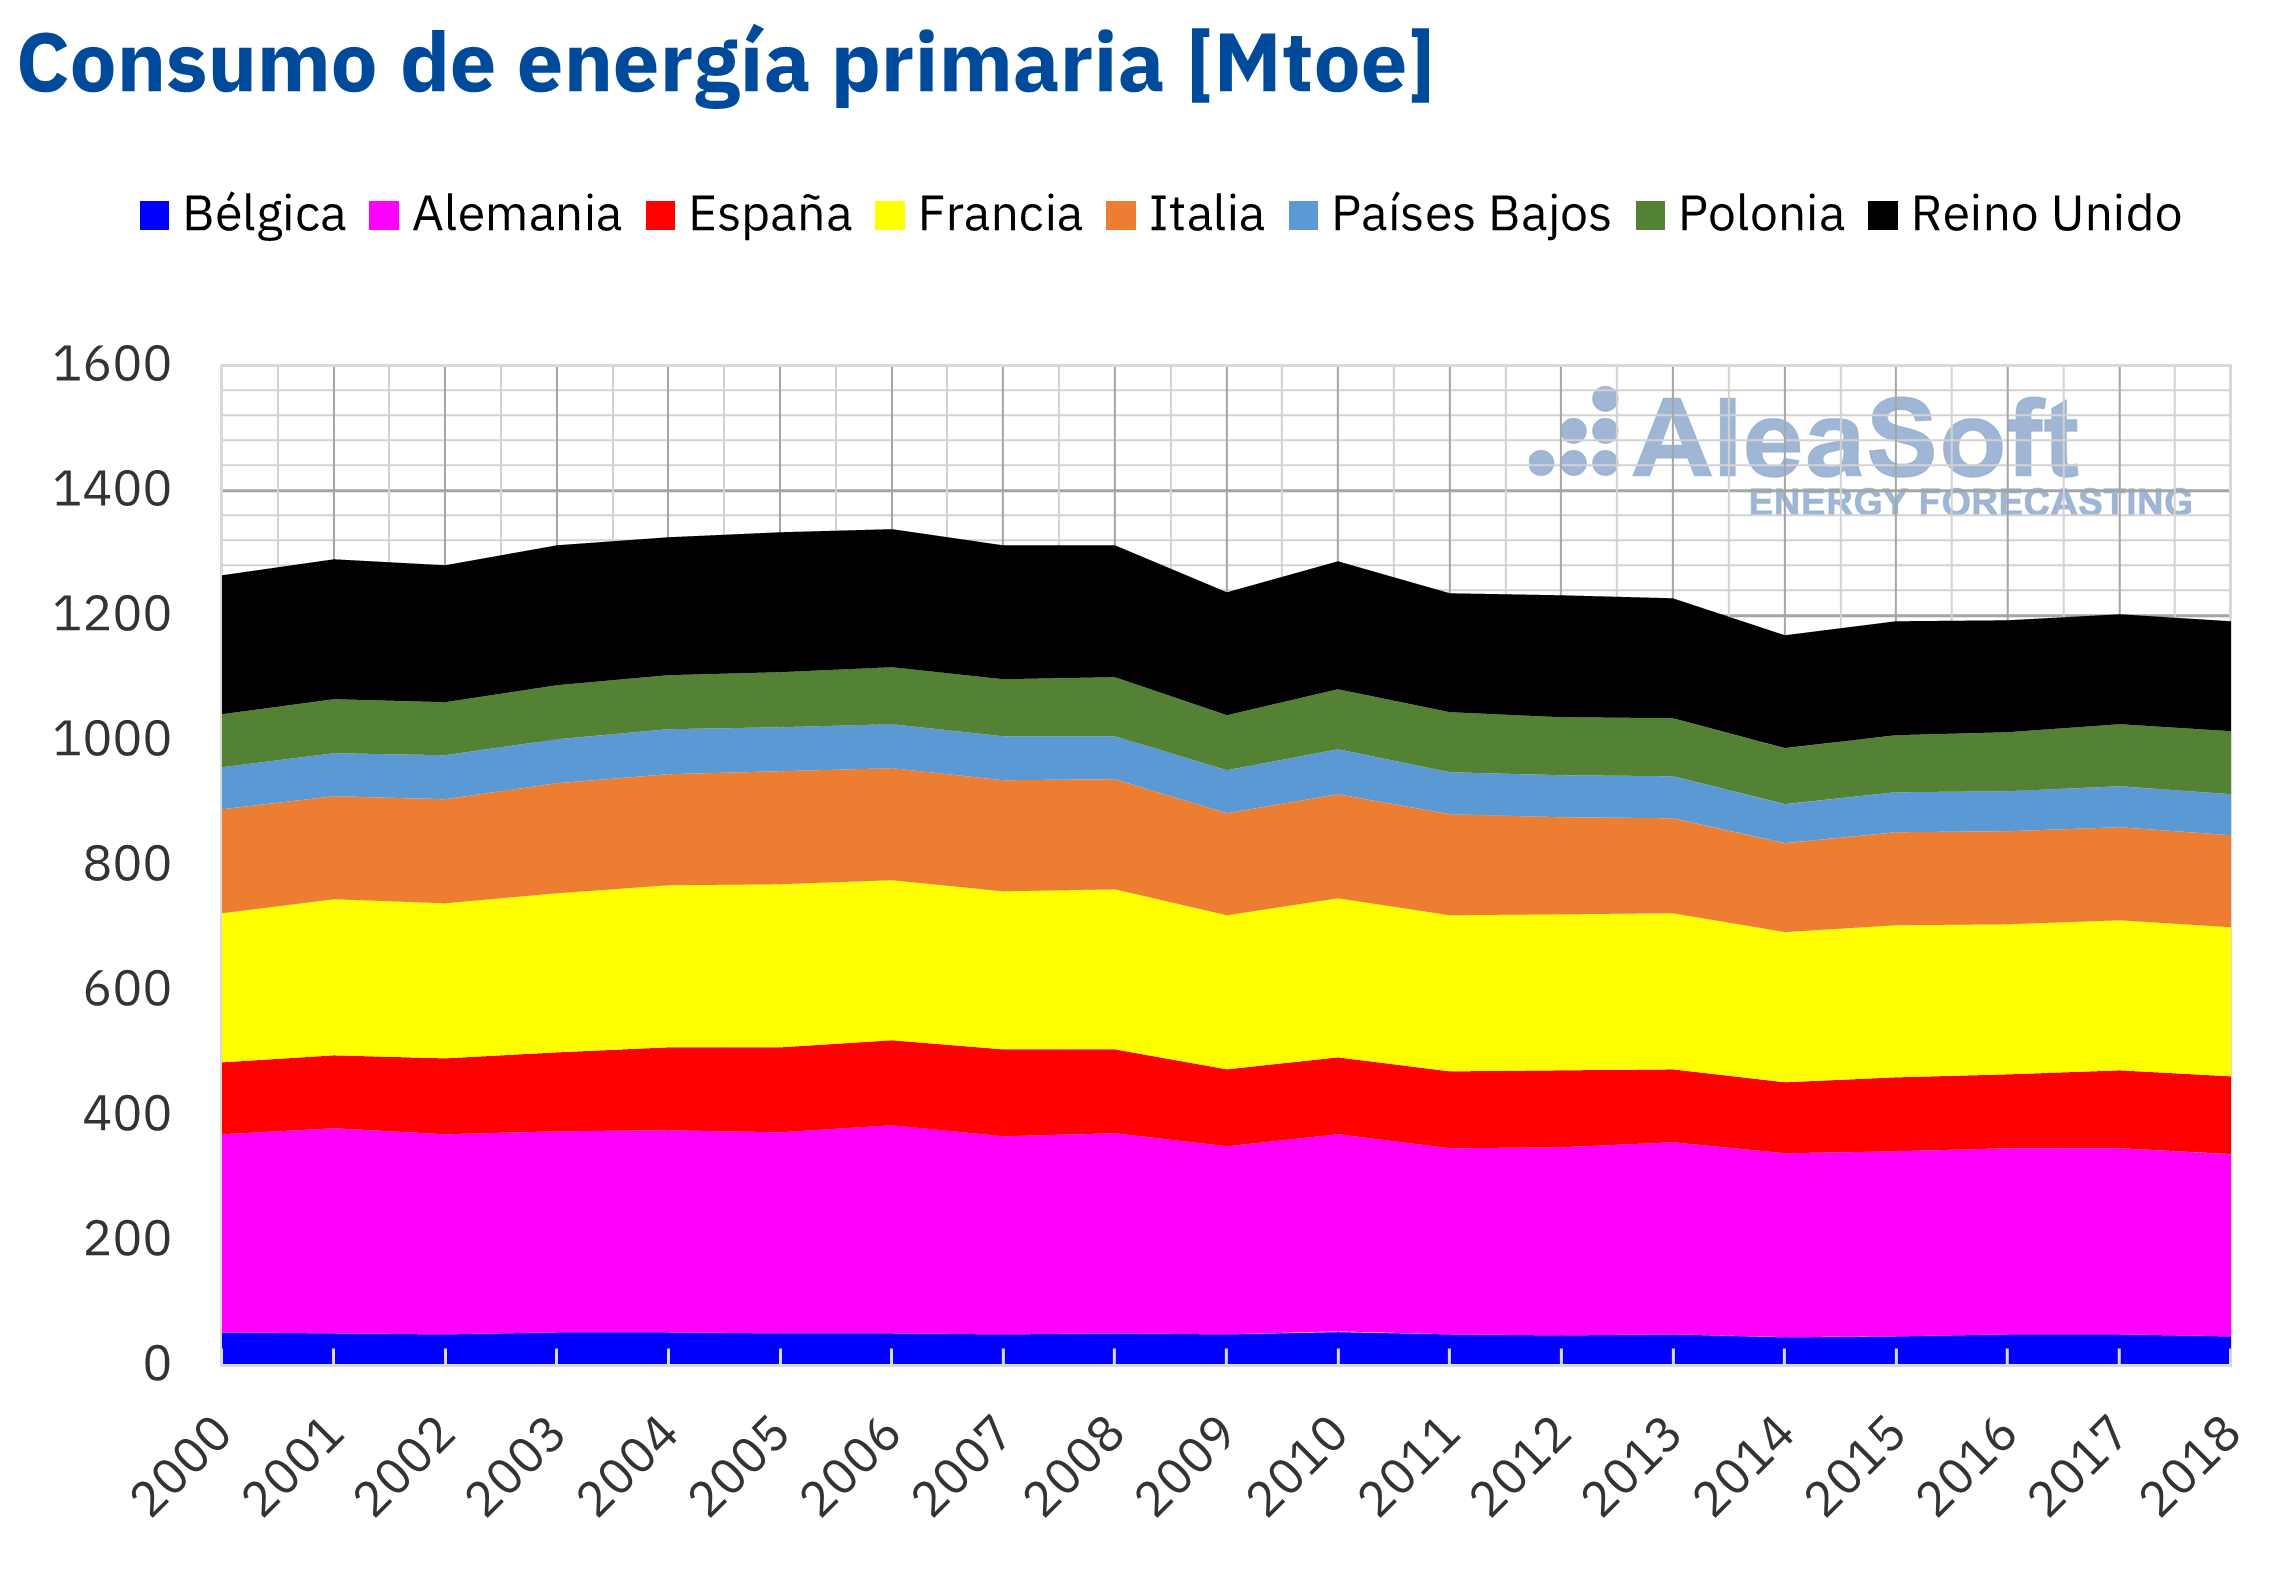 AleaSoft - Consumo energia primaria Europa